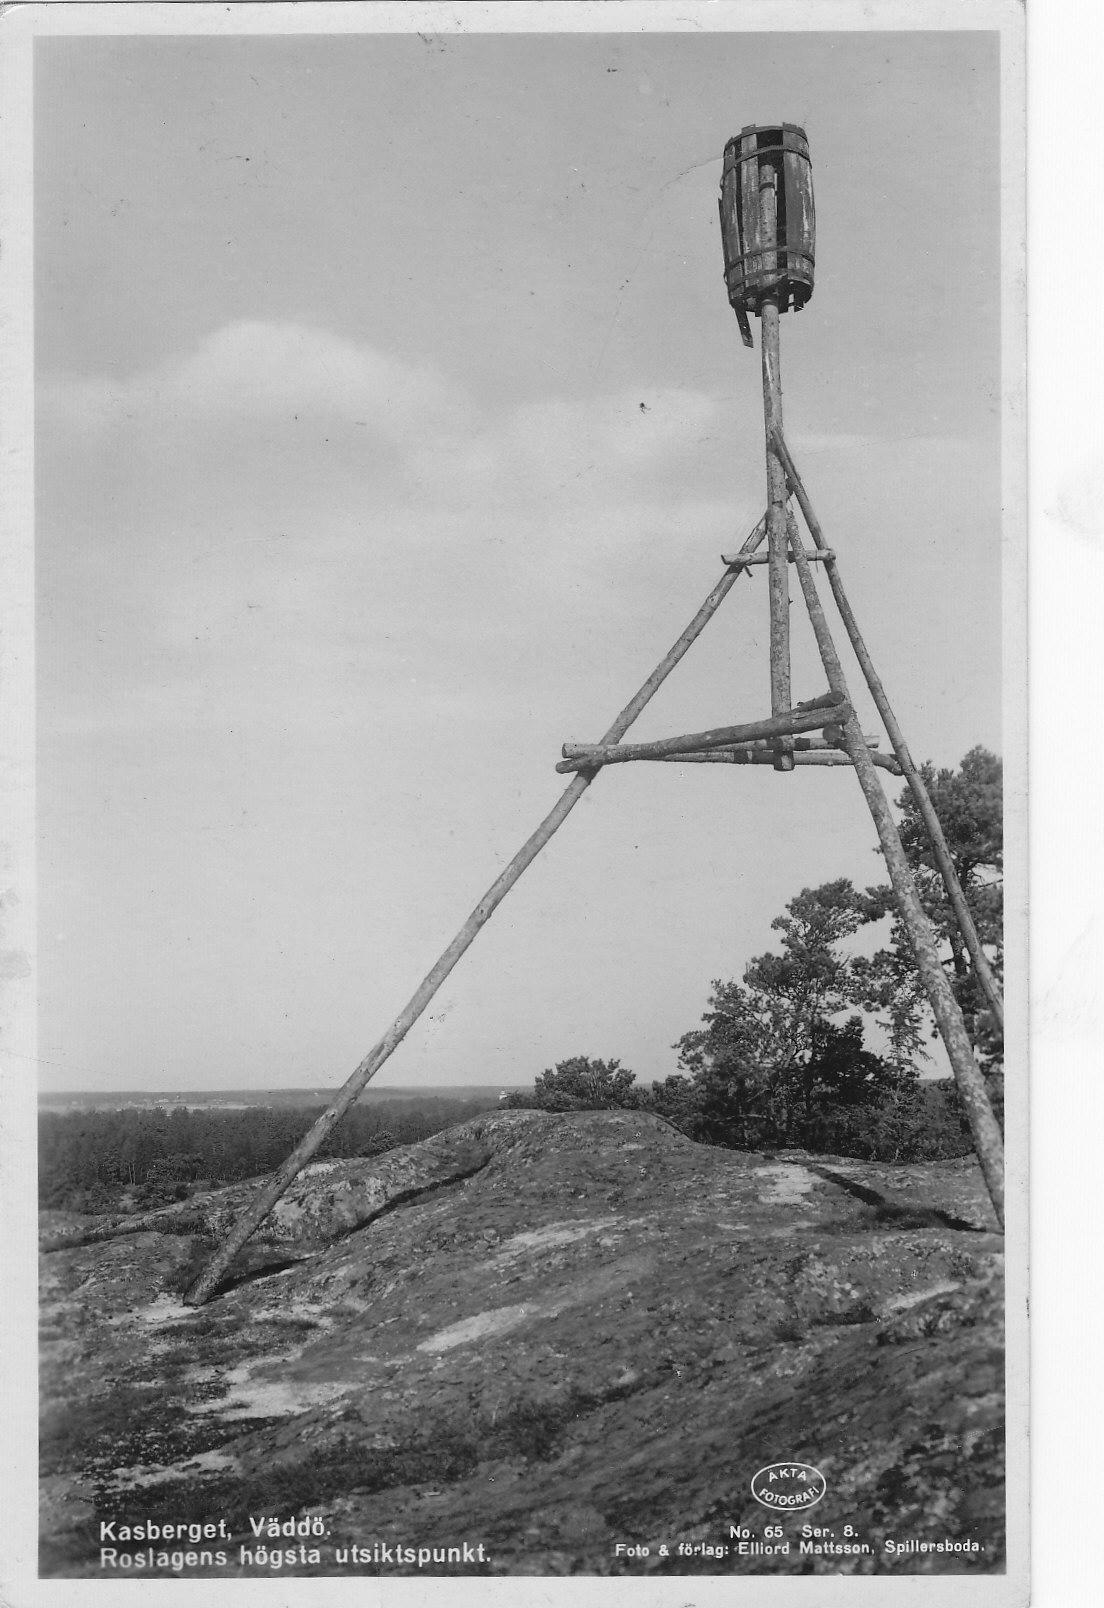 Kasberget på 1940- talet